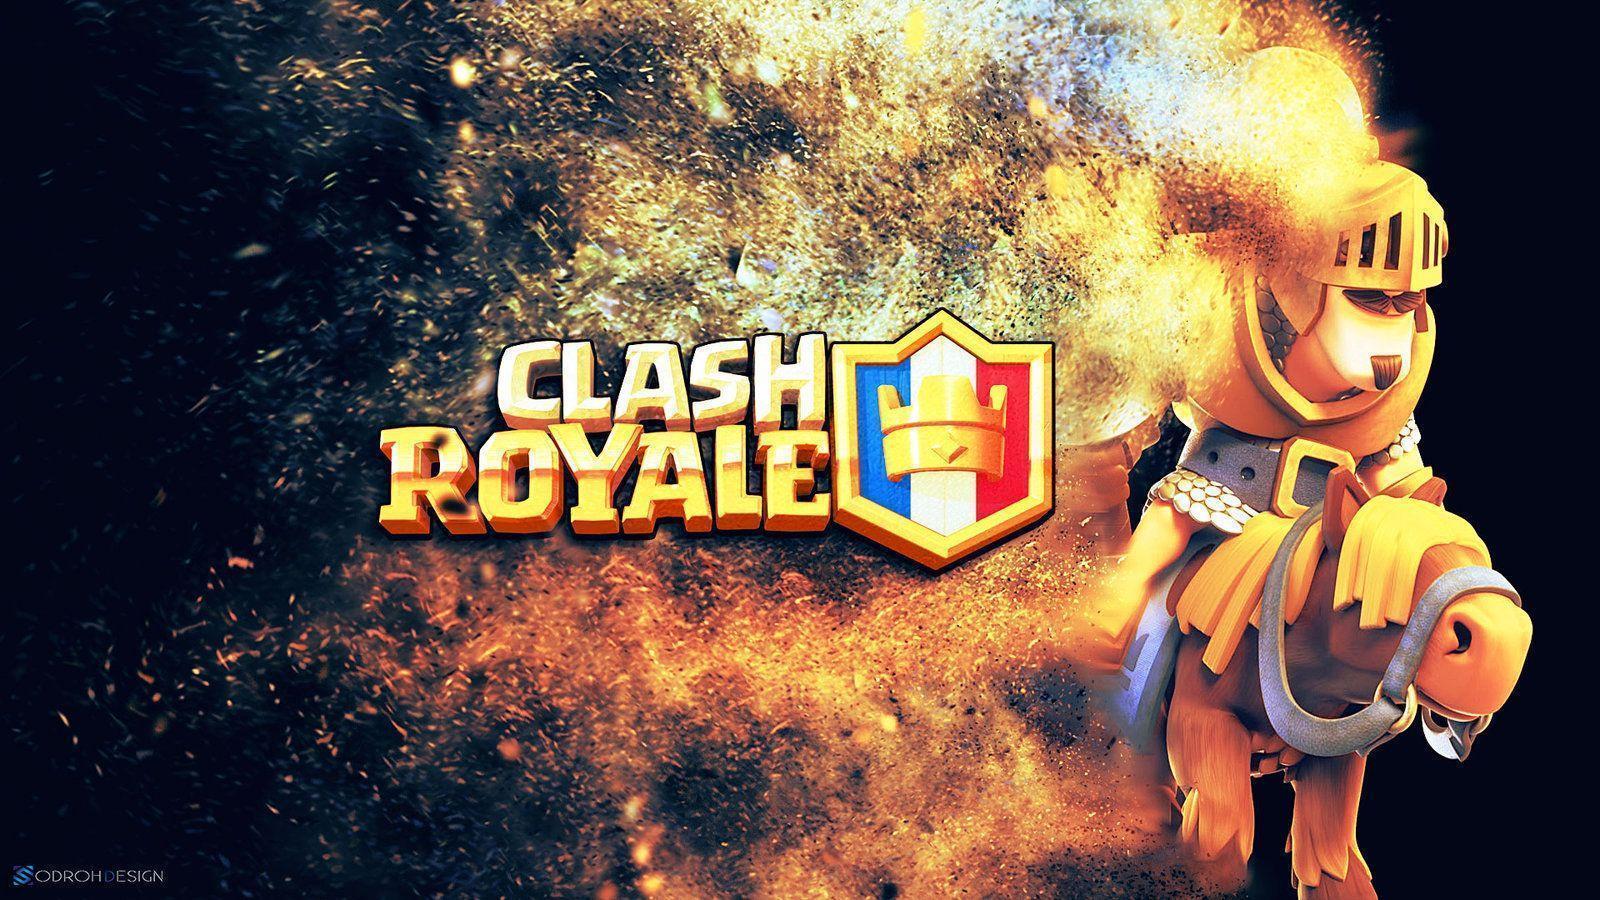 Clash royale best wallpaper